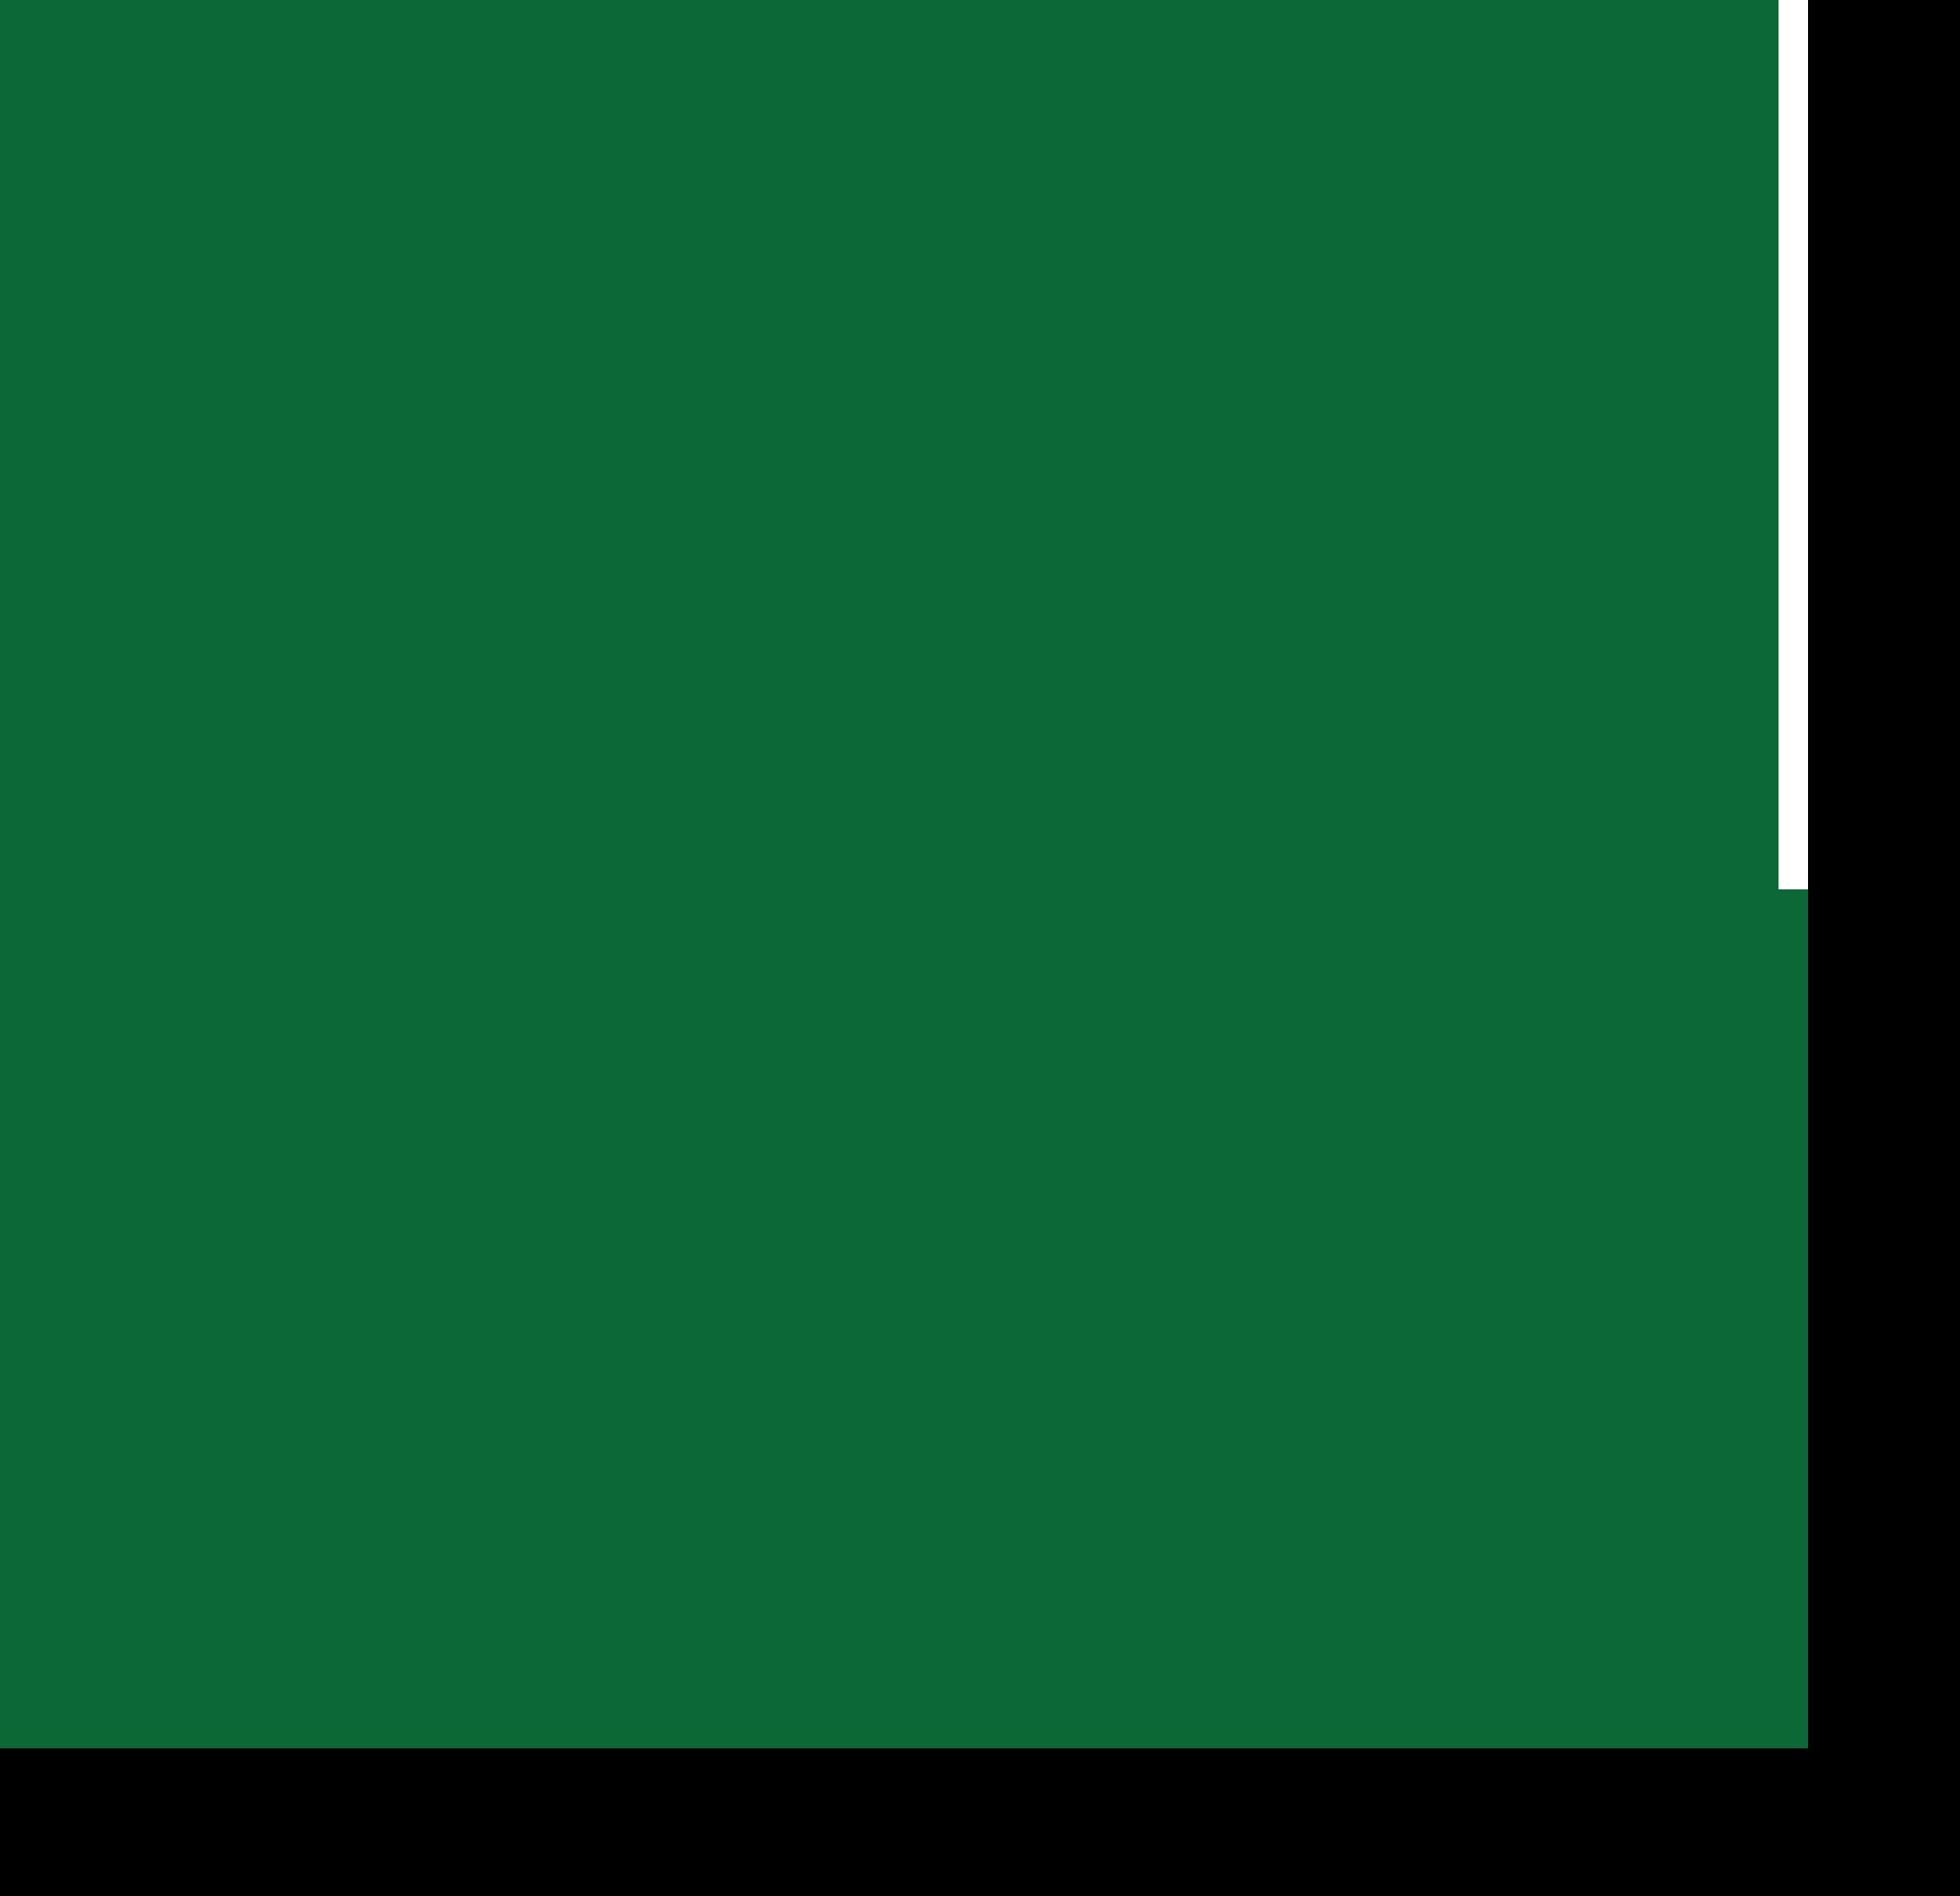 Dispositivo medico di classe 1